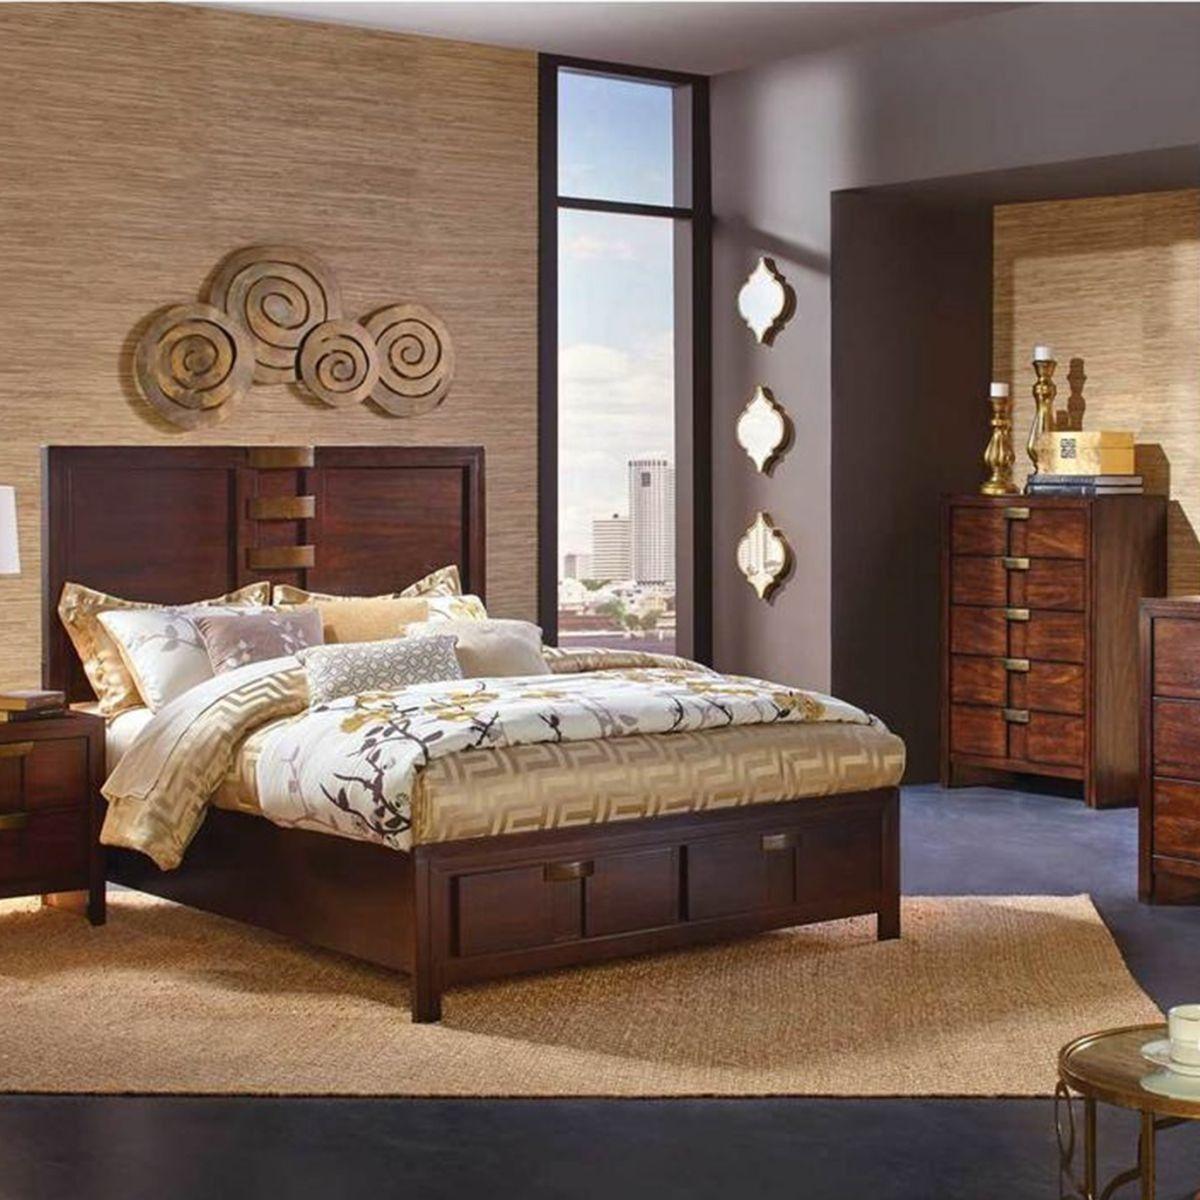 Diplomat Chestnut 5 Pc Queen Bedroom Bedroom Sets Bedroom Sets